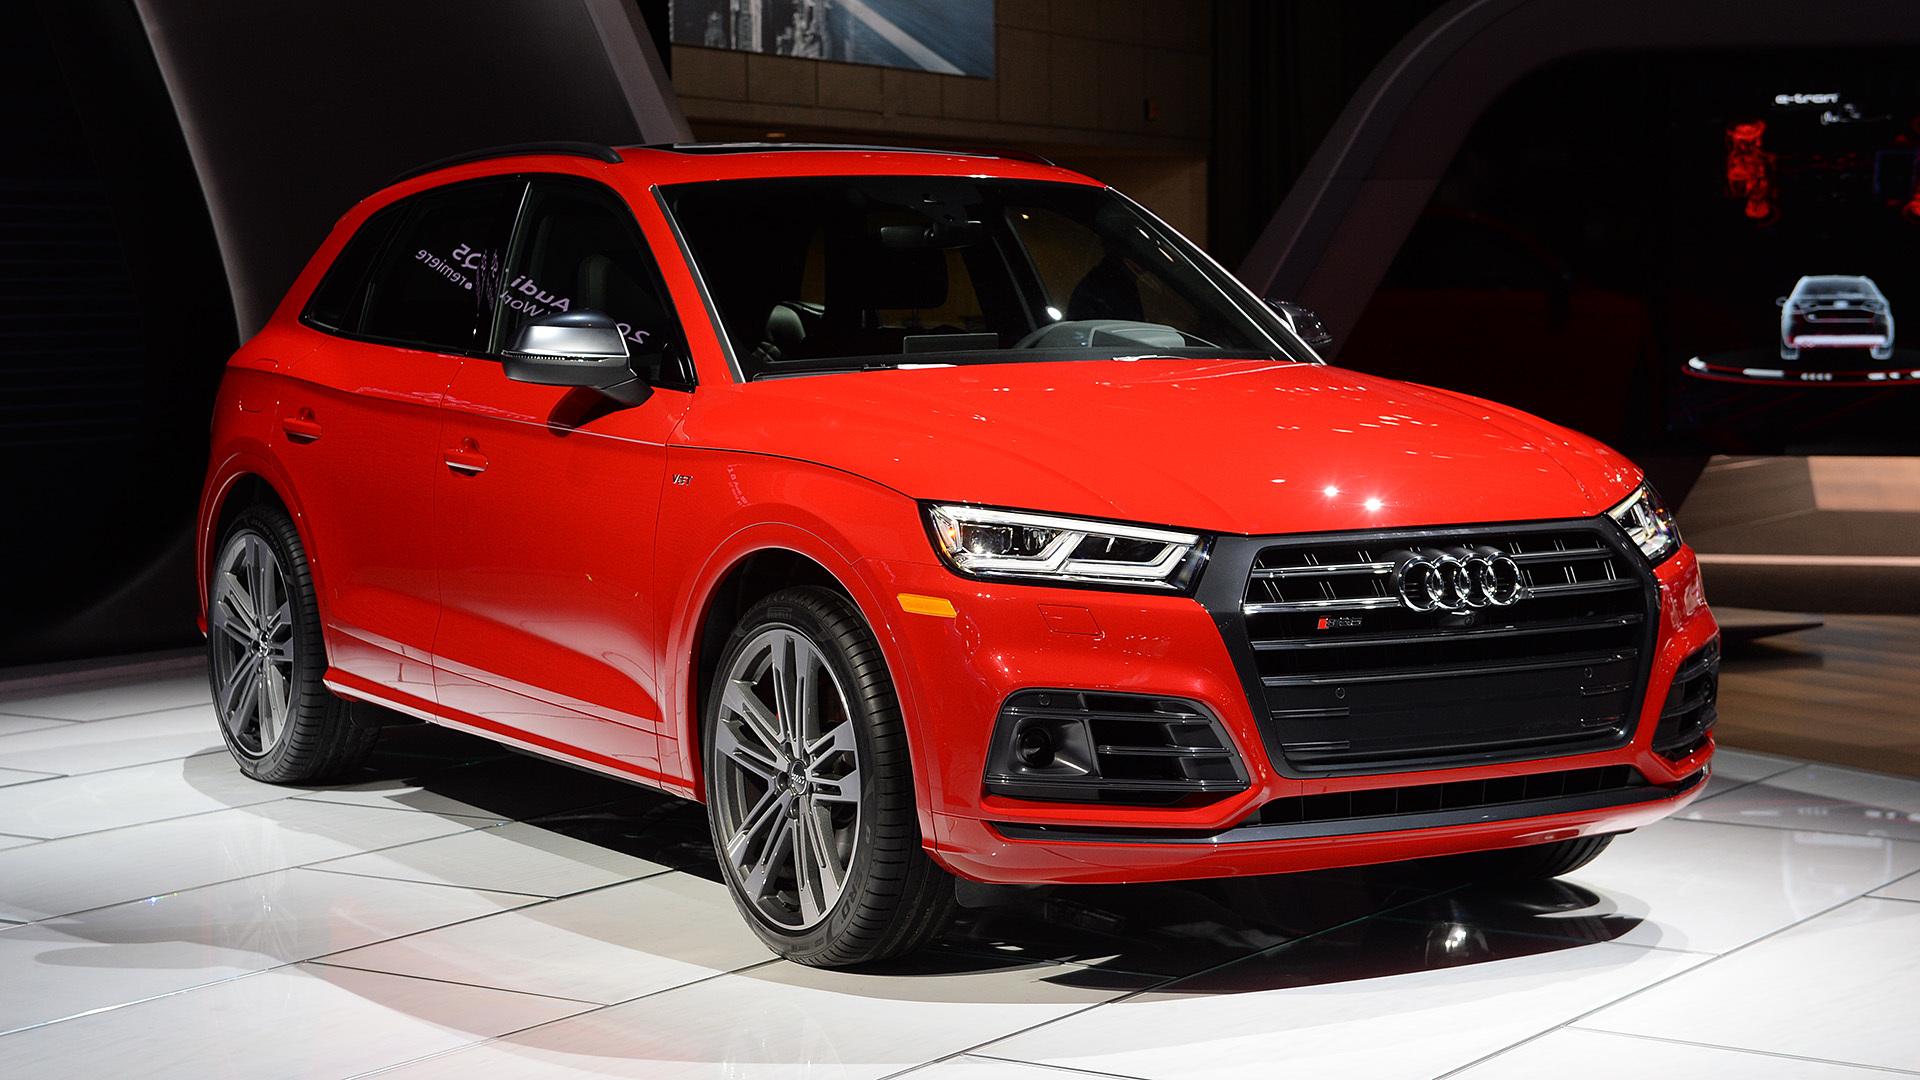 Детройт 2017: представлен кроссовер Audi SQ5 нового поколения